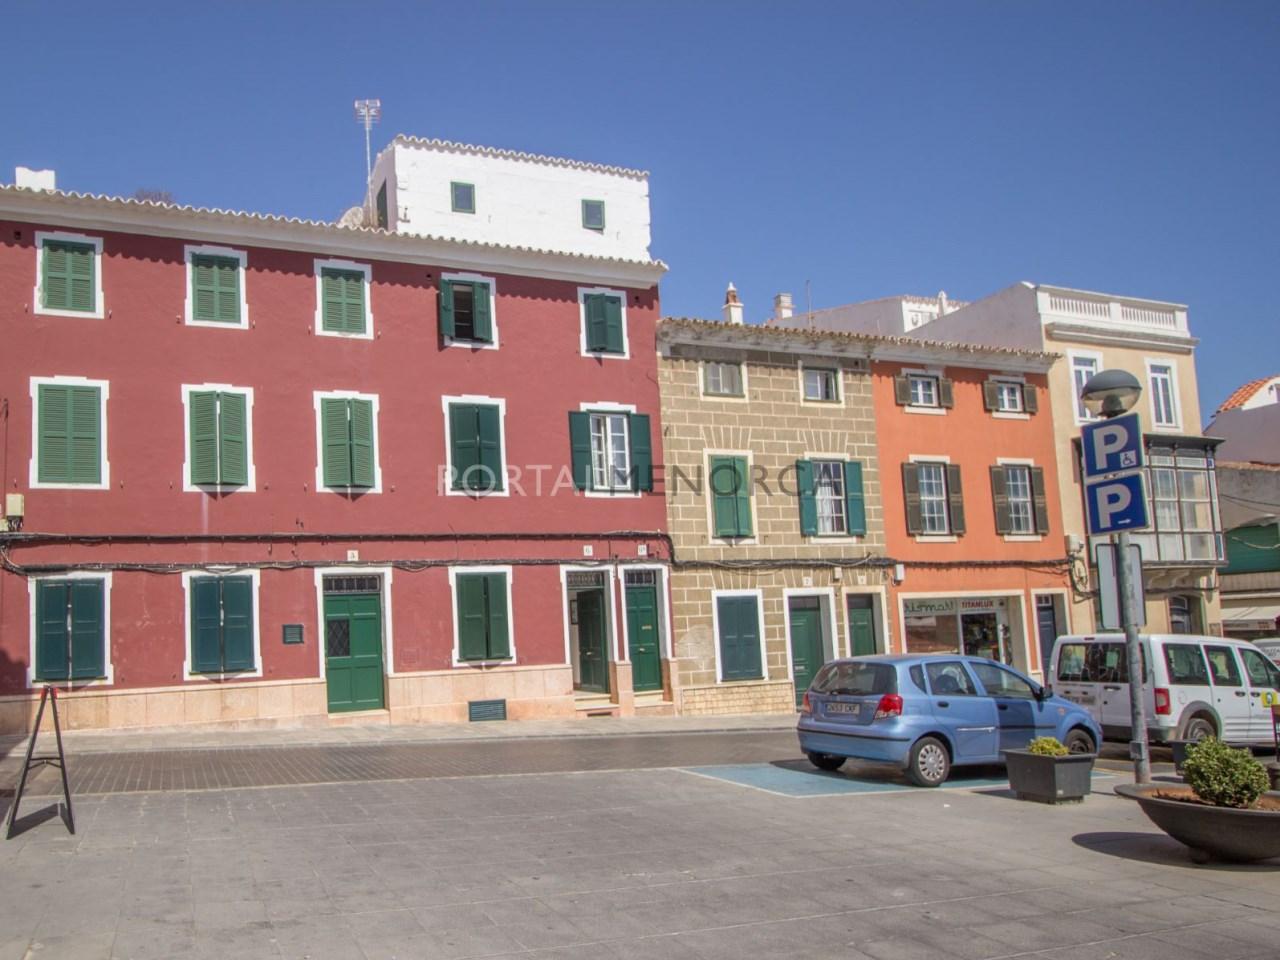 11 fachada (1)